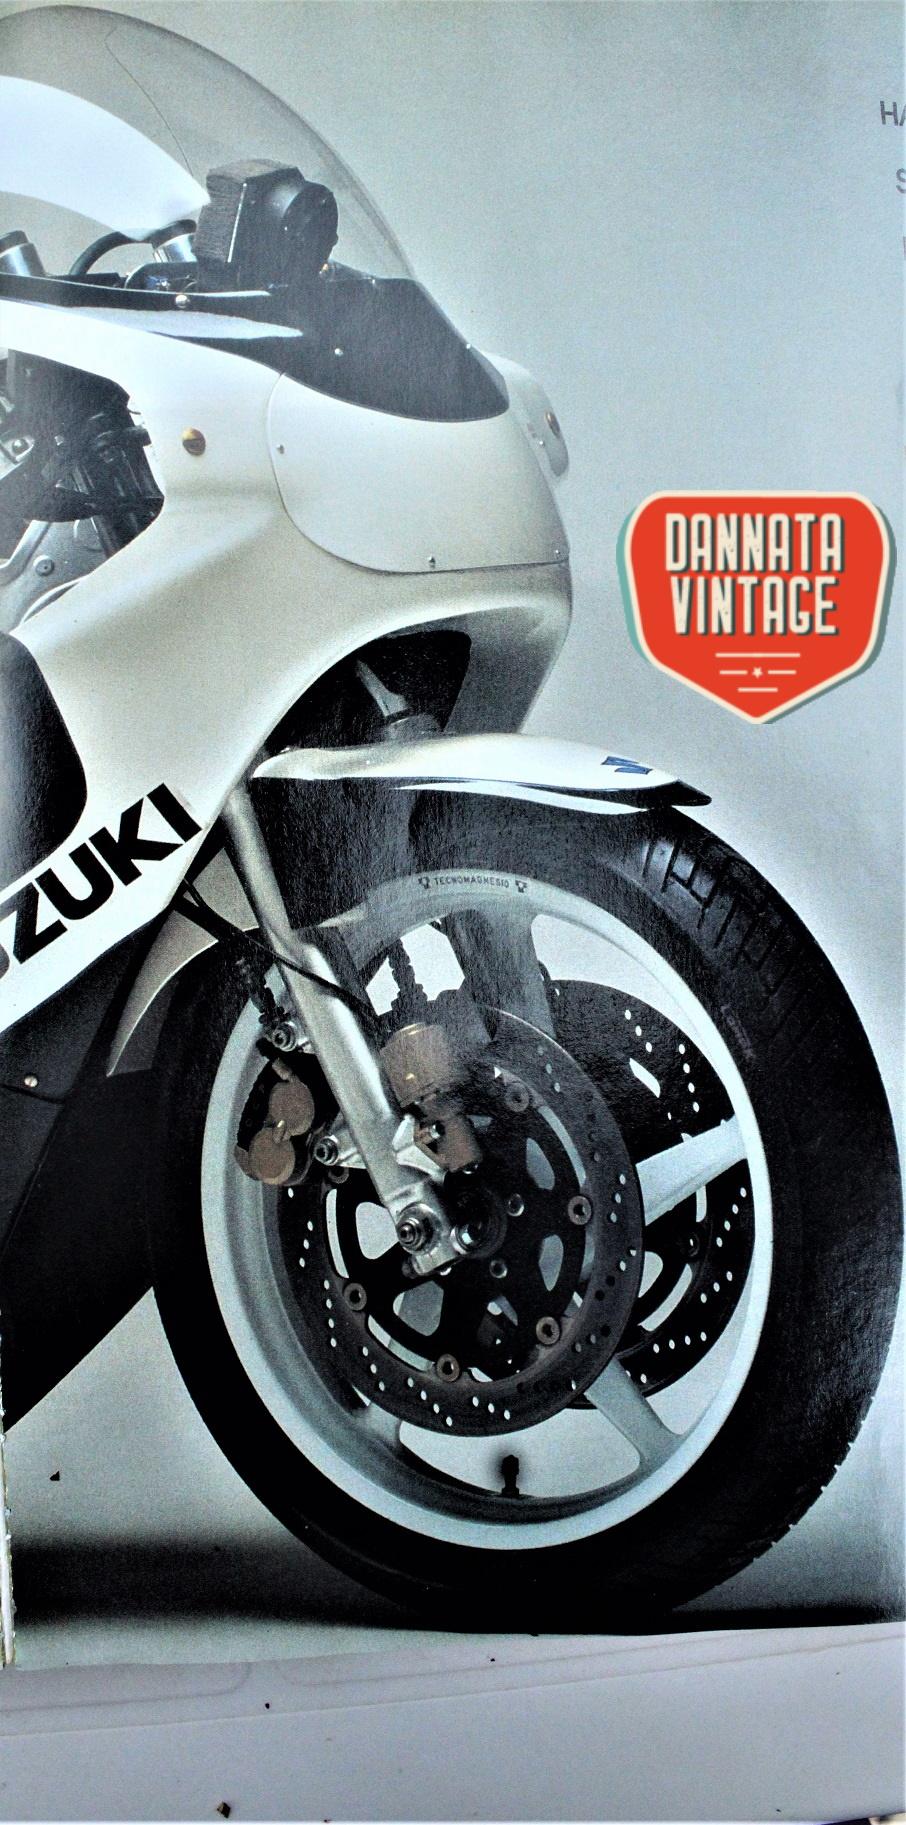 Suzuki GSX 1100 R Yoshimura, le ruote in magnesio realizzate dalla Tecnomagnesio su disegno di Yoshimura.